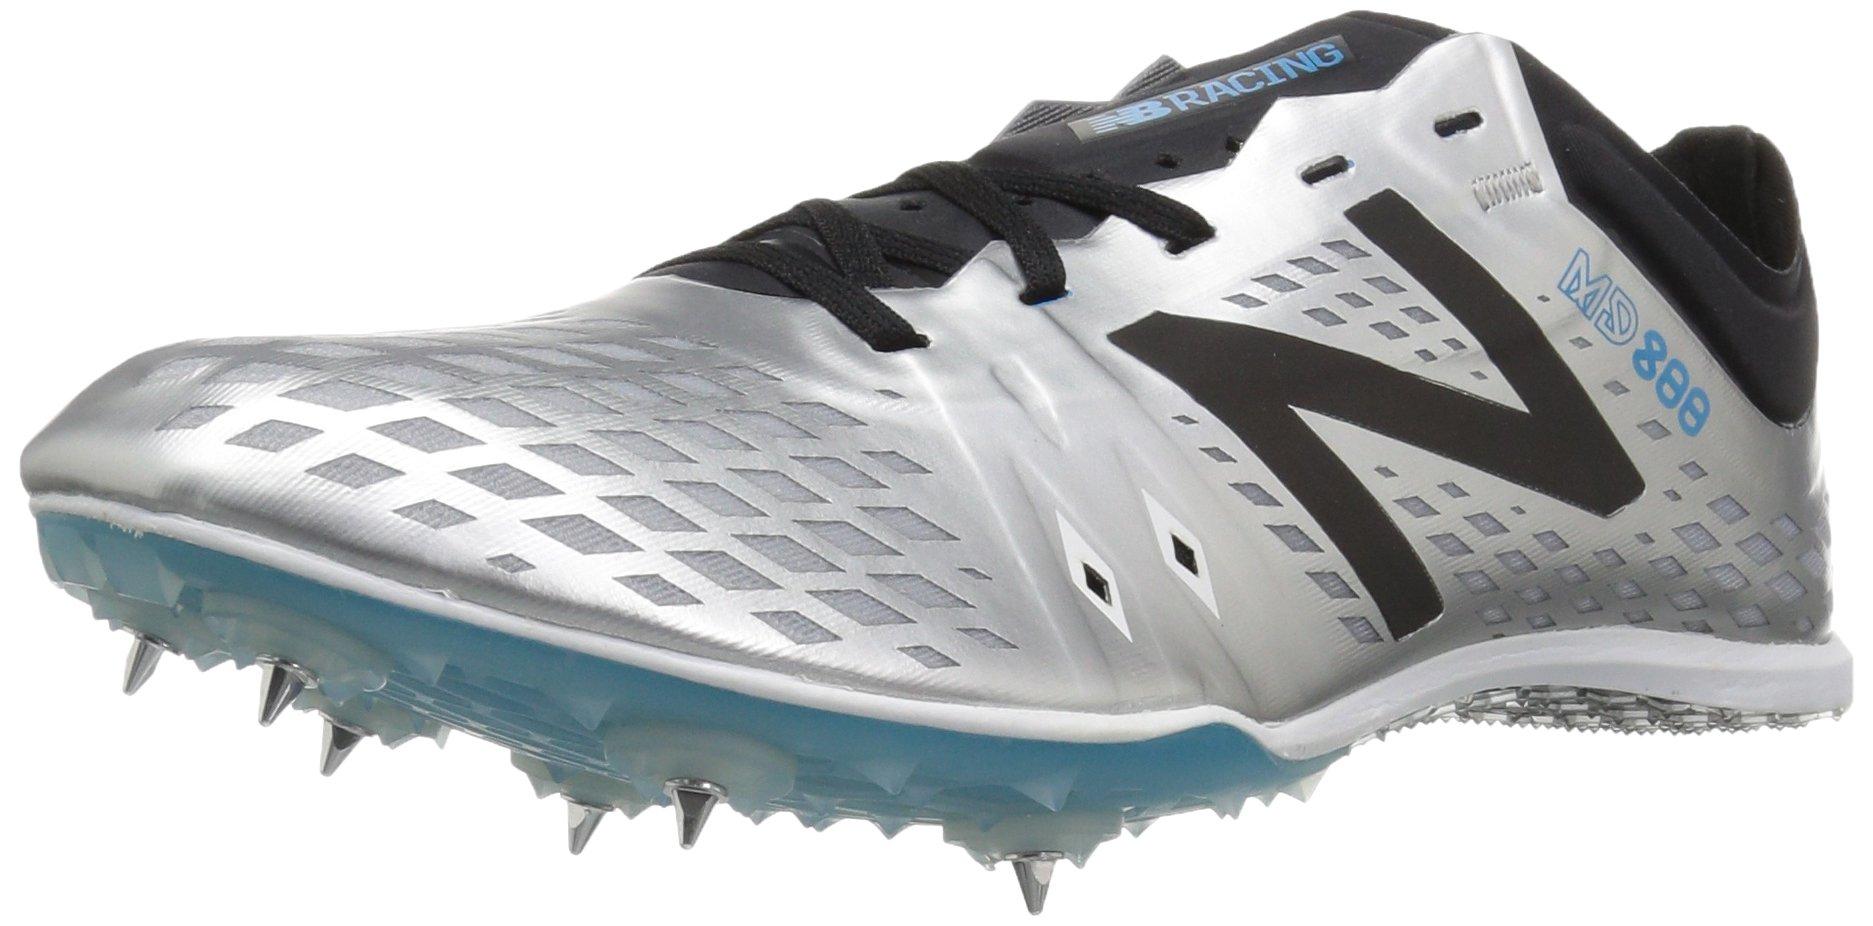 New Balance Men's MD800v5 Track Shoe, Silver/Black, 11 D US